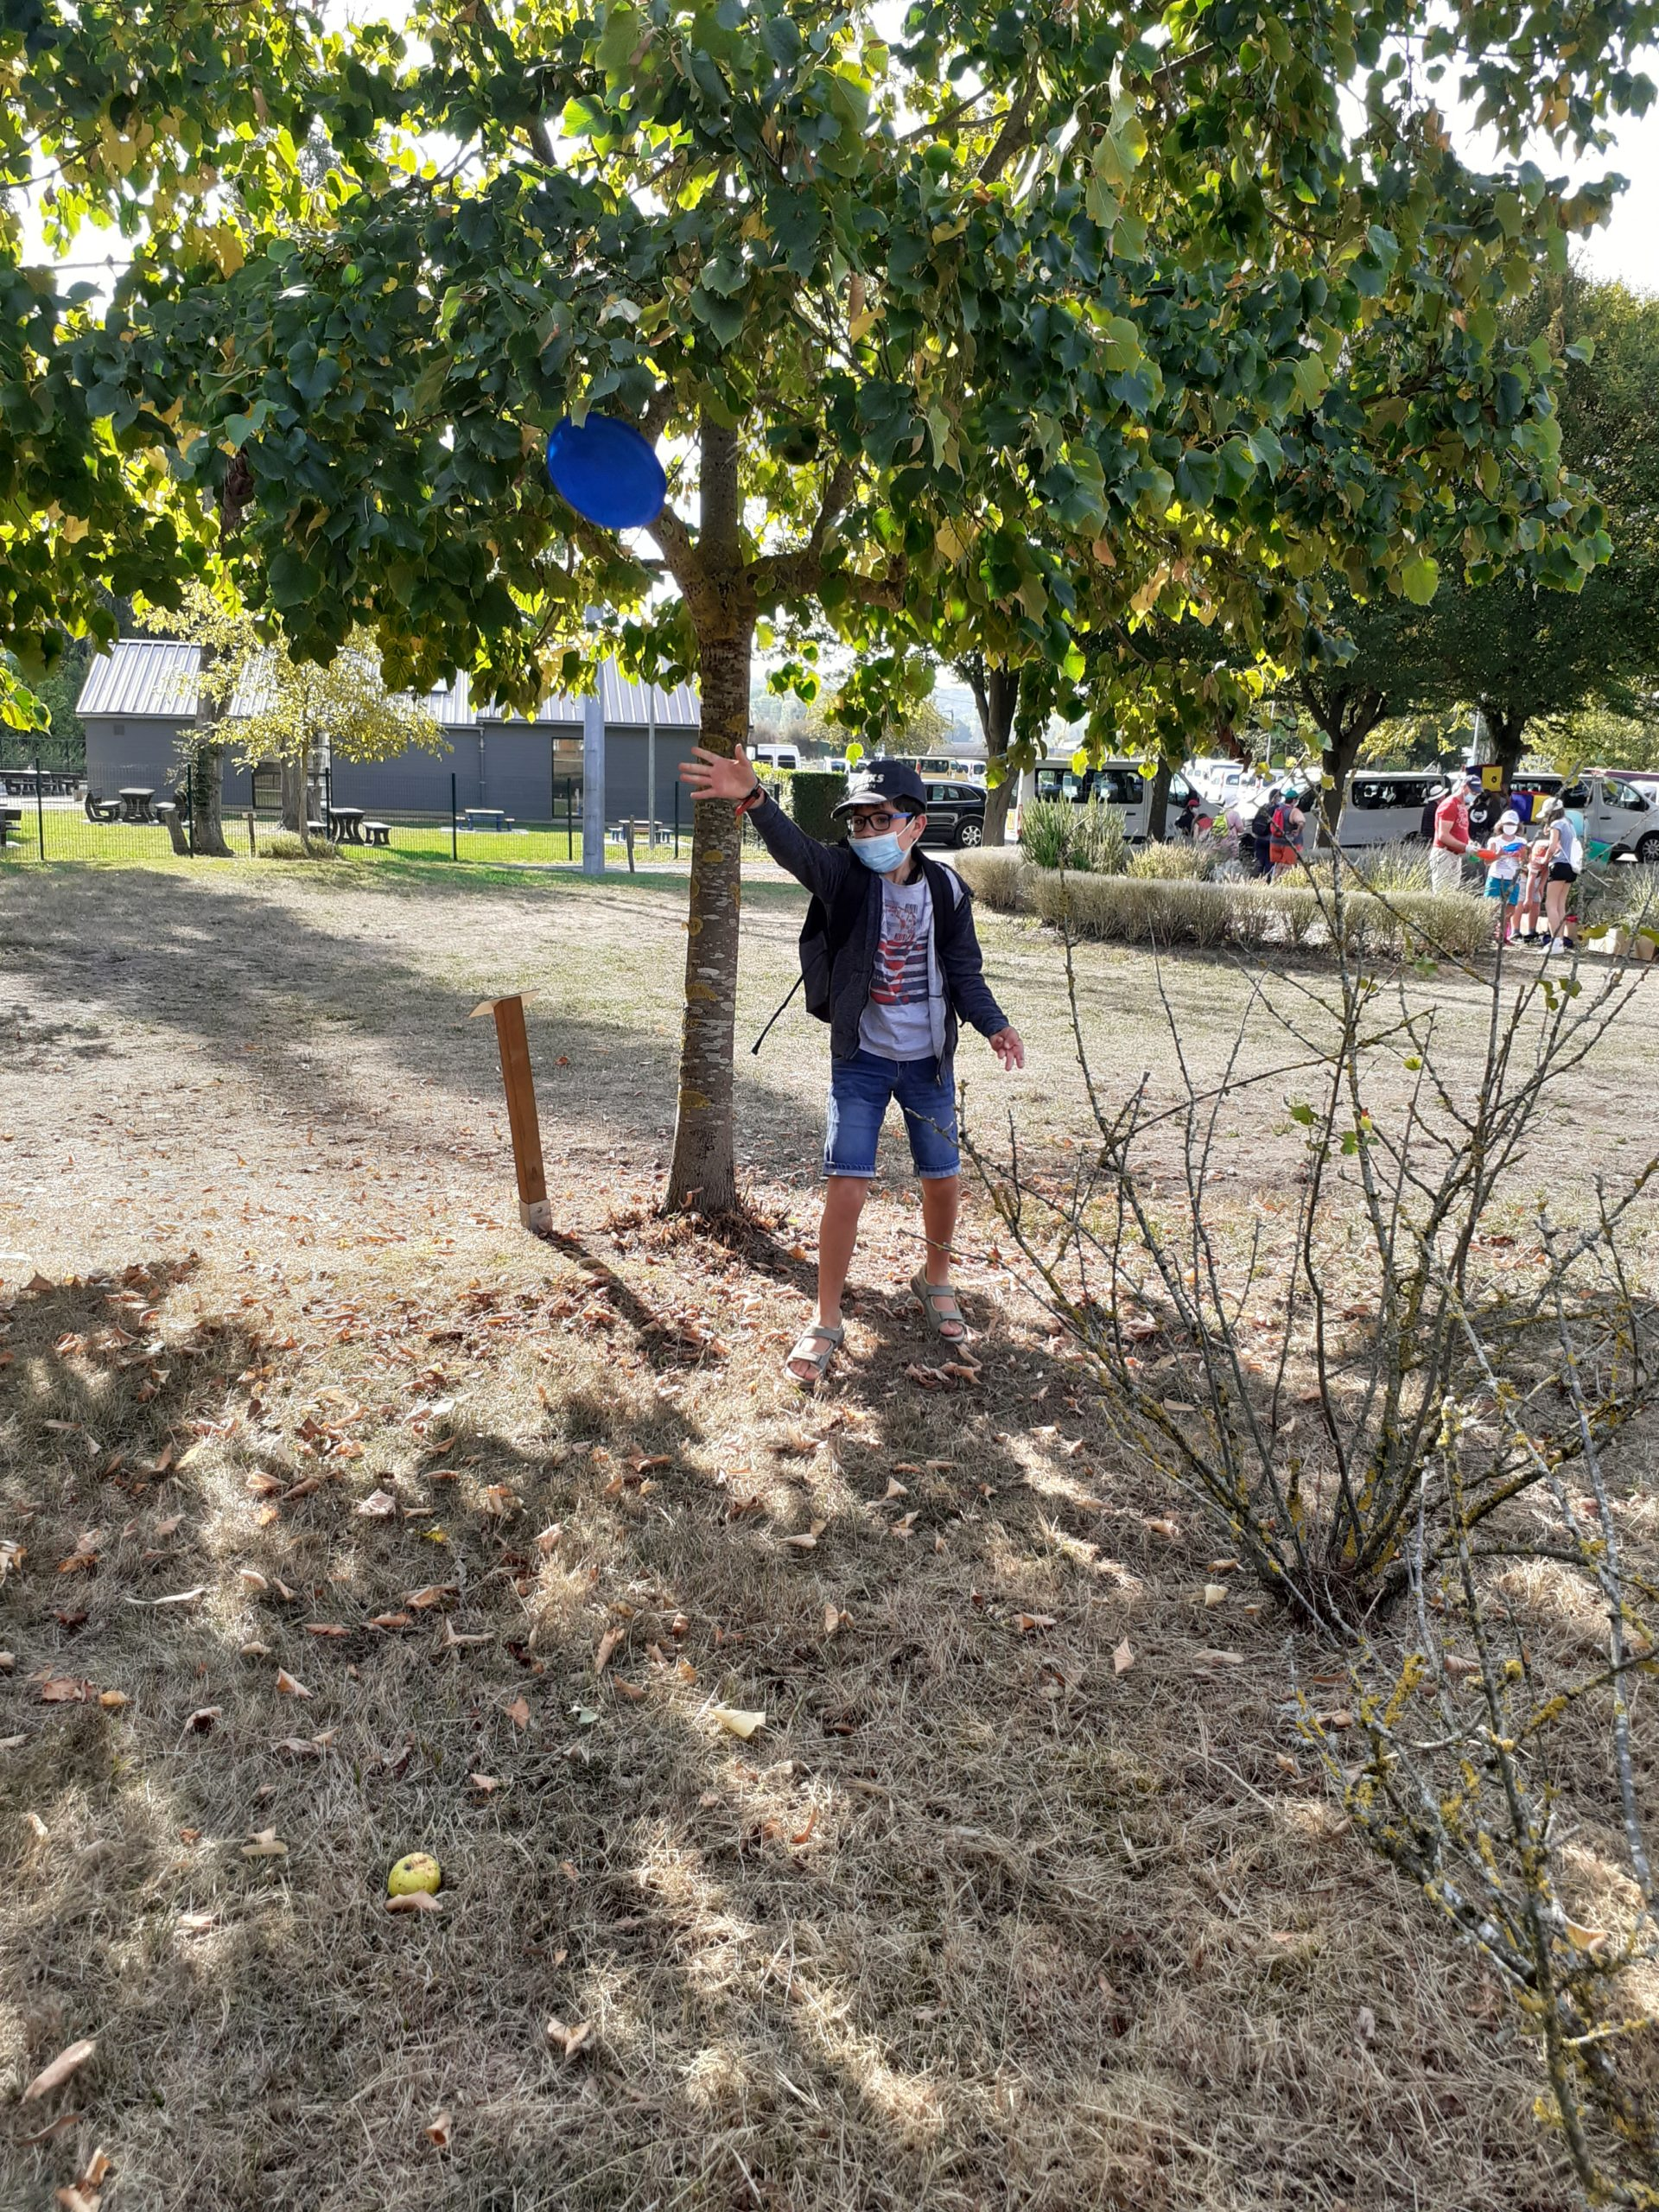 Un enfant lance un frisbee